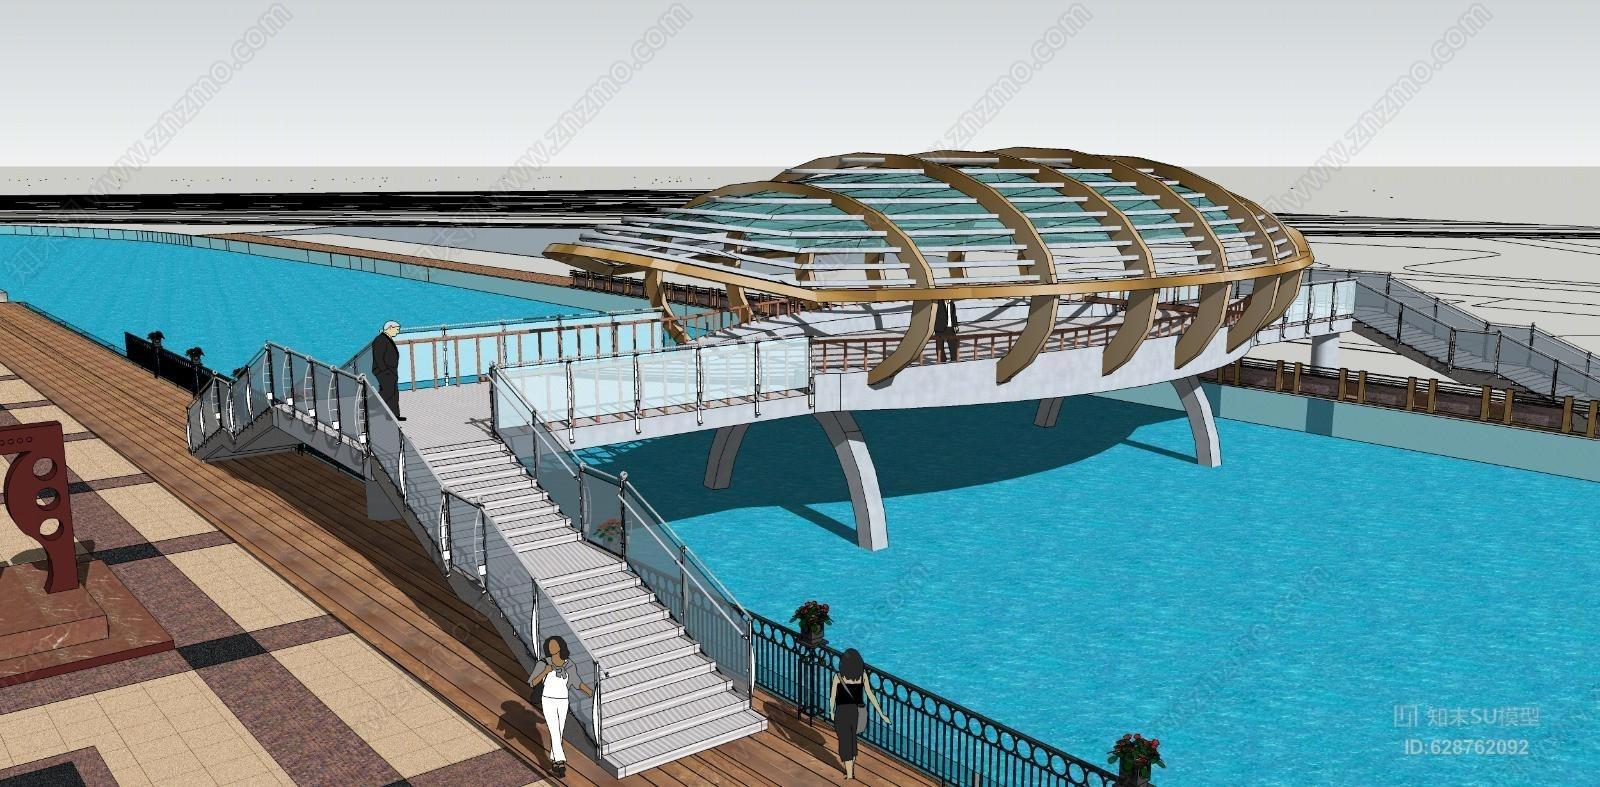 滨水景观桥构筑物